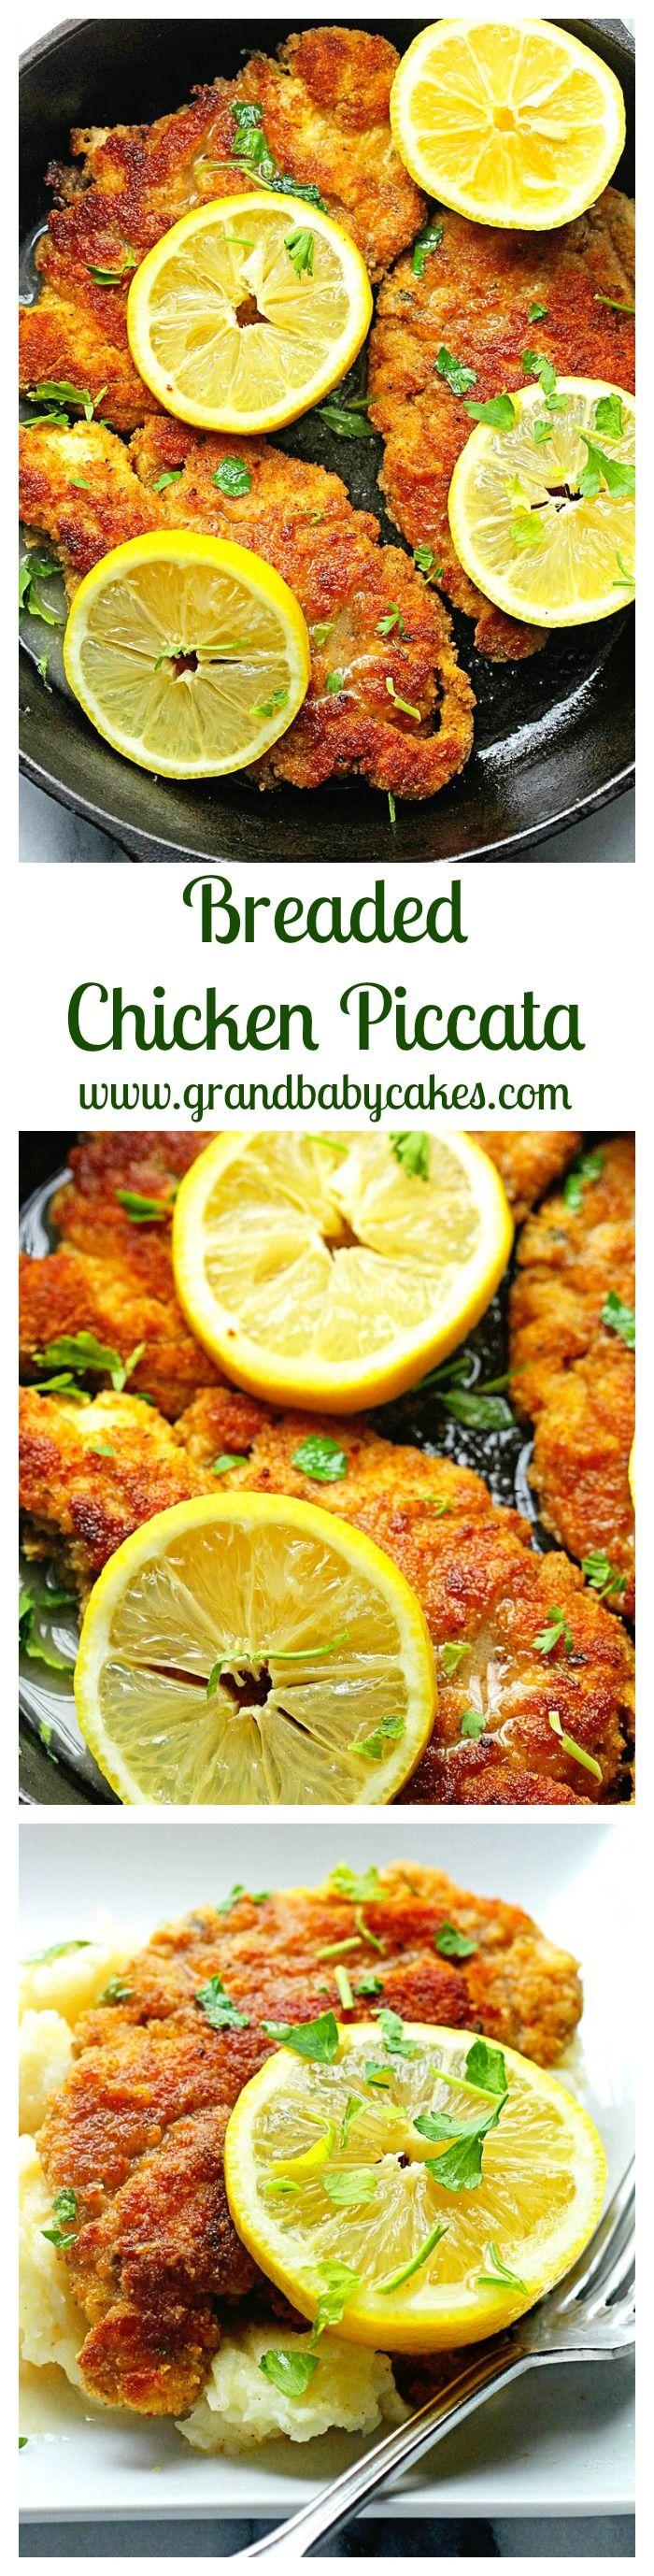 Breaded Chicken Piccata | Grandbaby Cakes